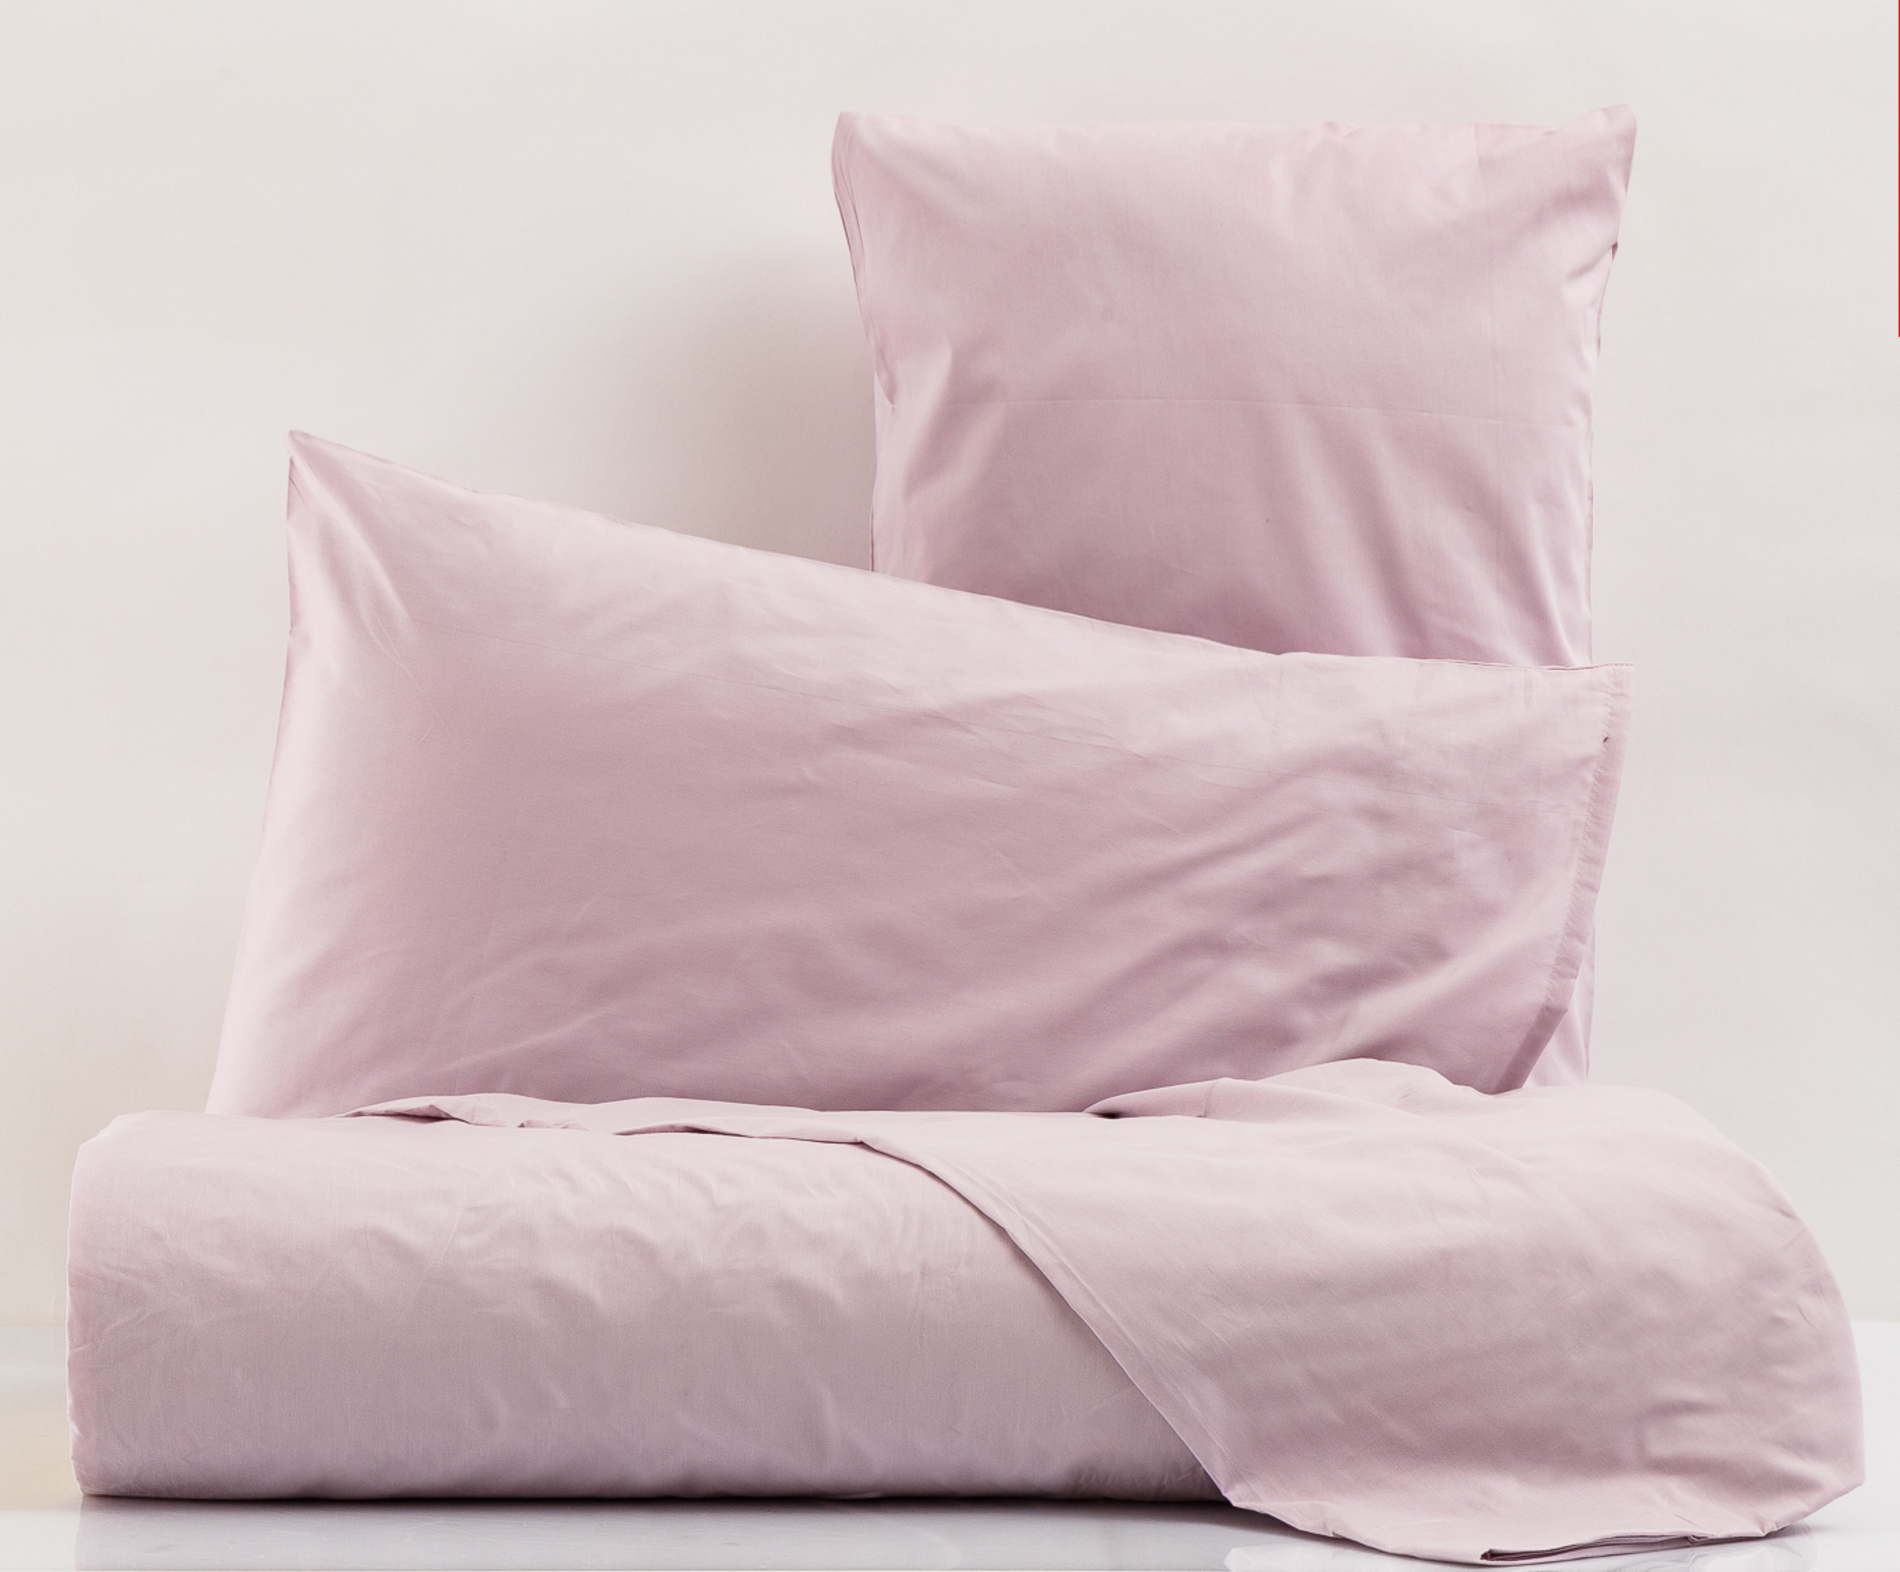 Parure letto in puro cotone percalle coincasa - Coin casa saldi ...